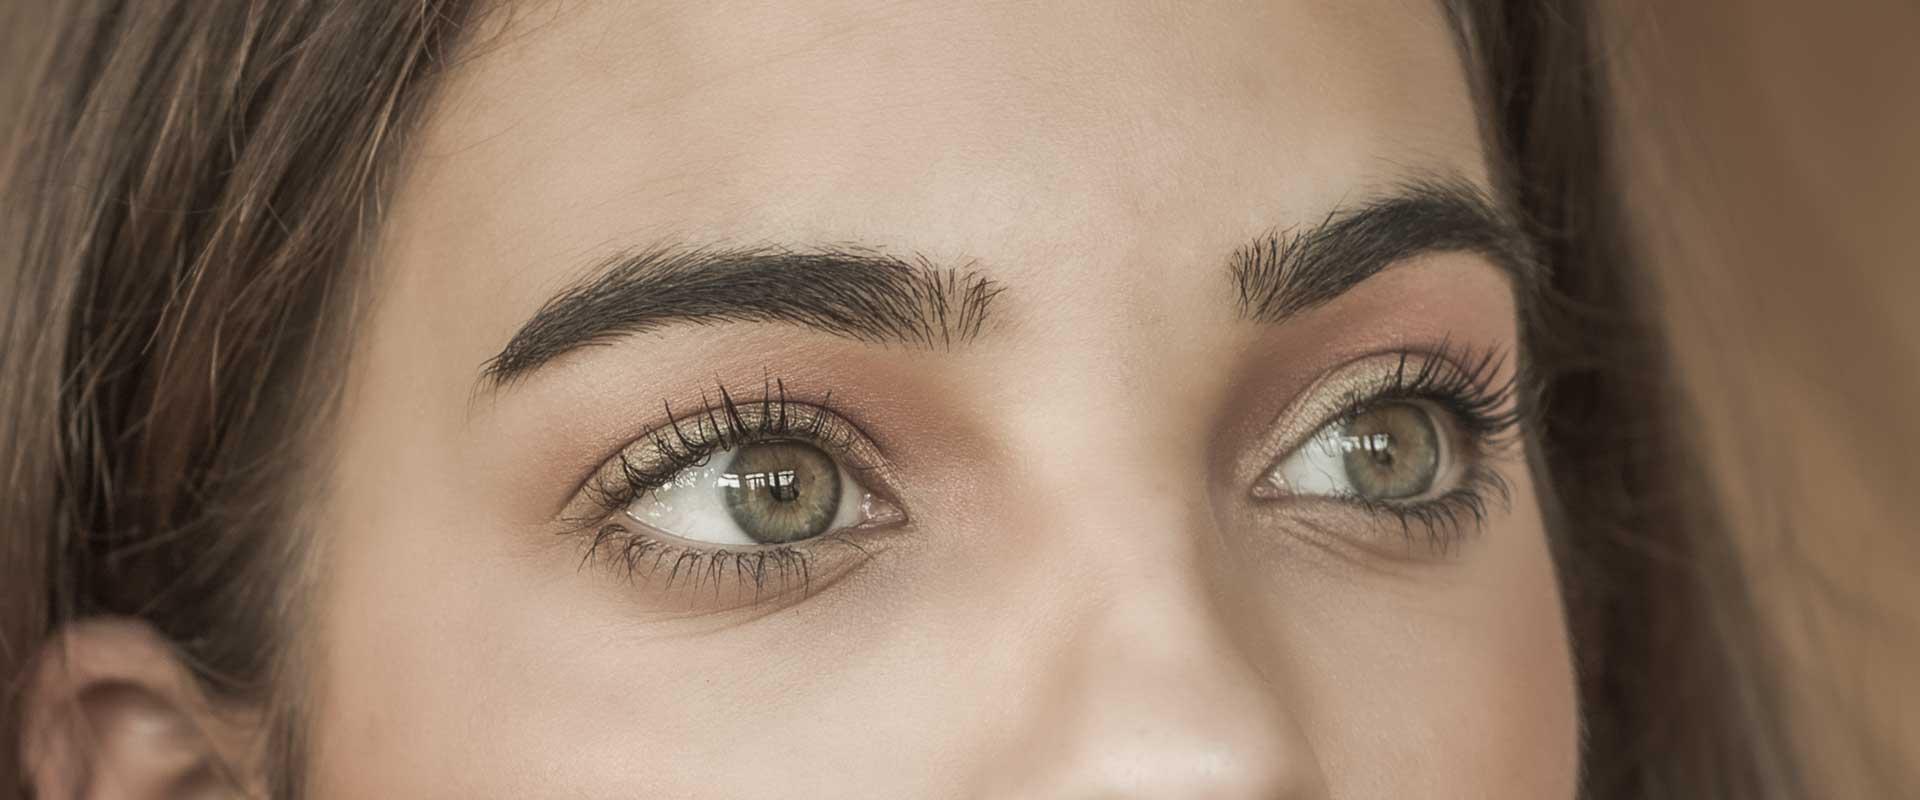 grüne Augen einer Frau